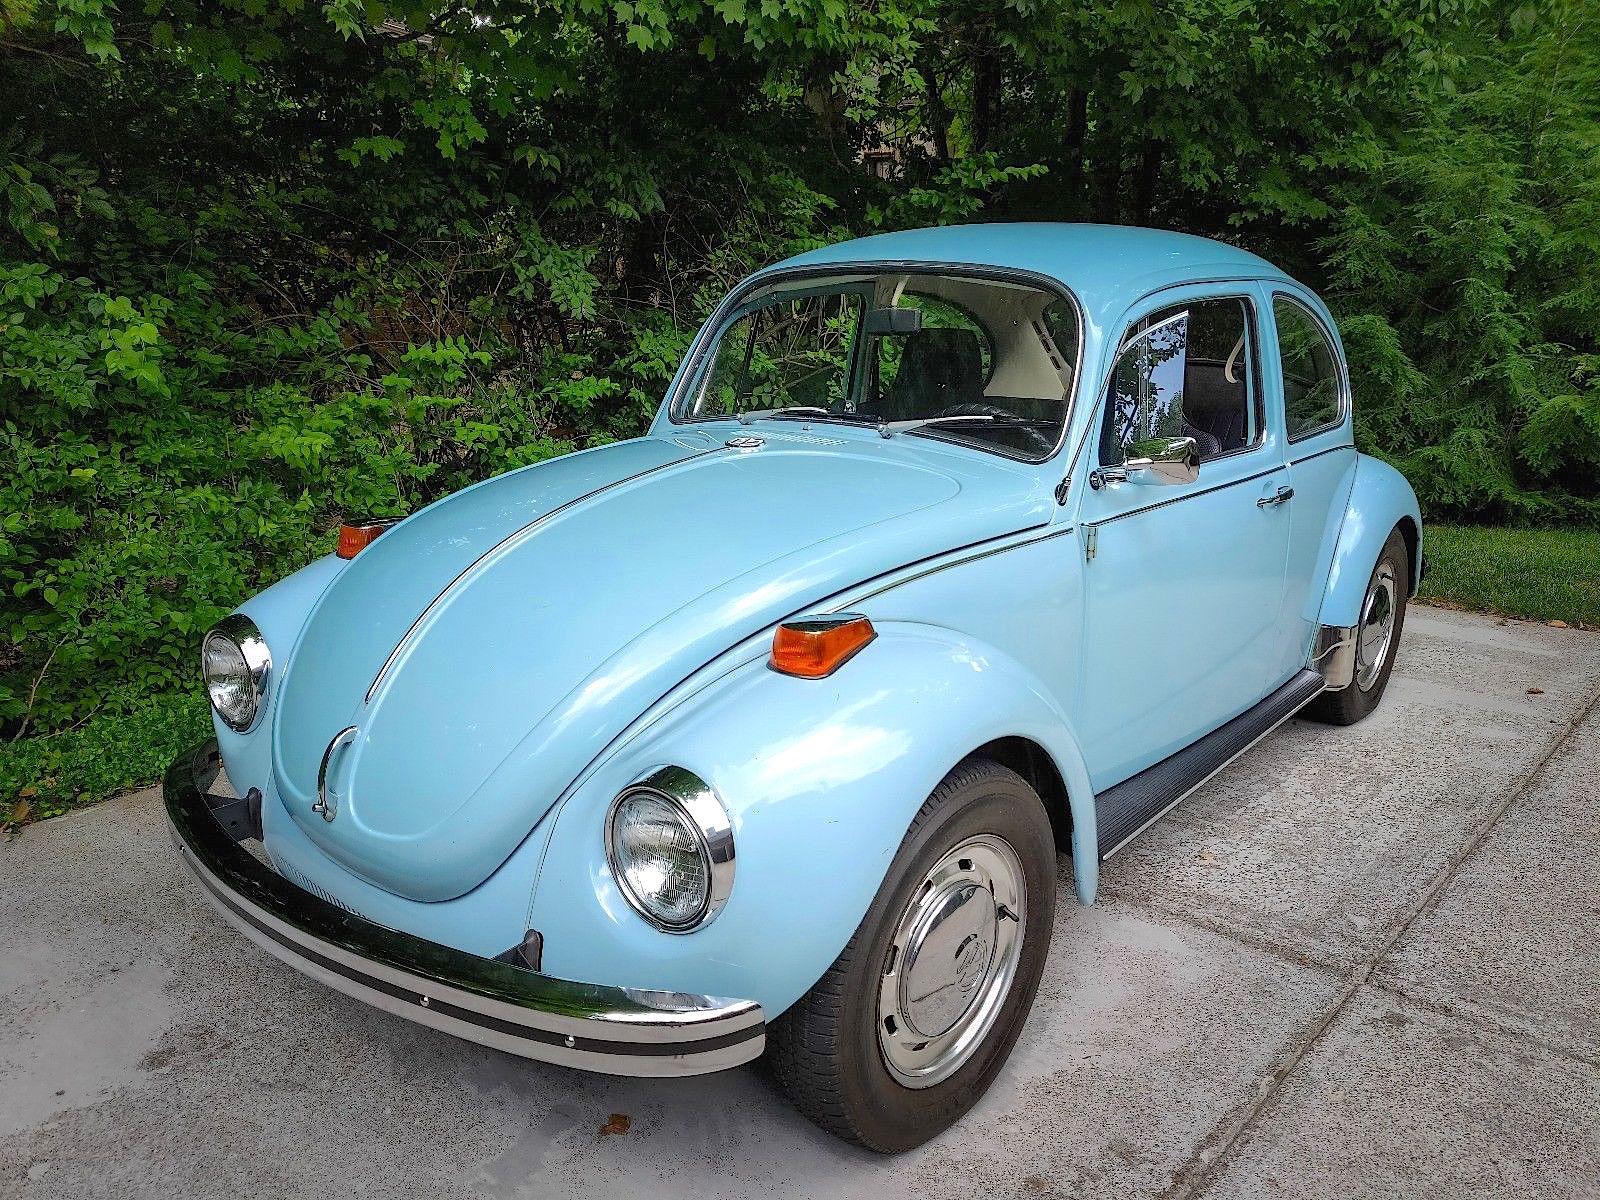 1972 Volkswagen Beetle blue front 3/4